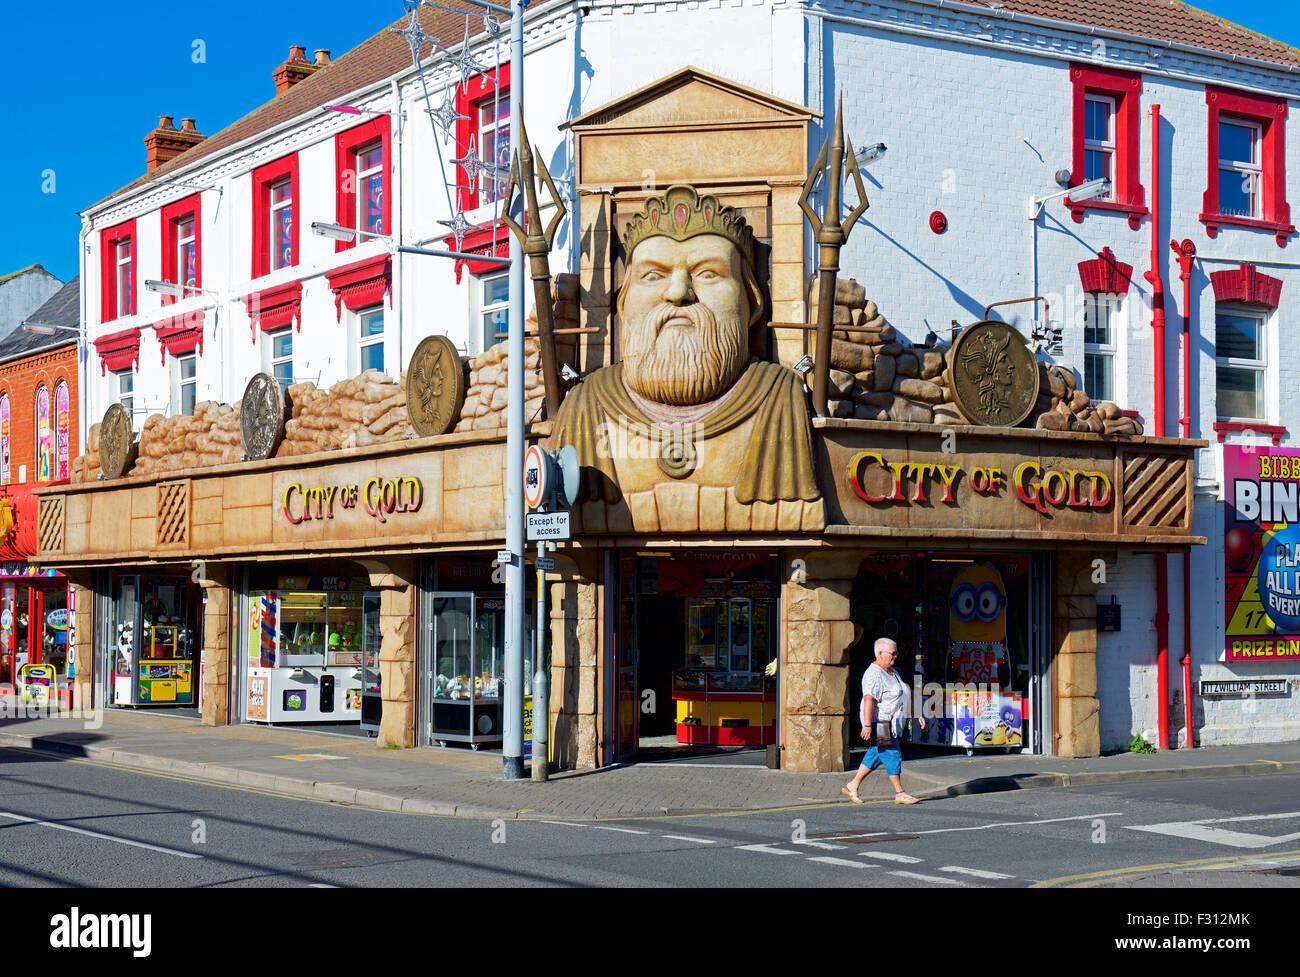 Jeux électroniques - la cité de l'or - en Mabelthorpe, Lincolnshire, Angleterre, Royaume-Uni Photo Stock